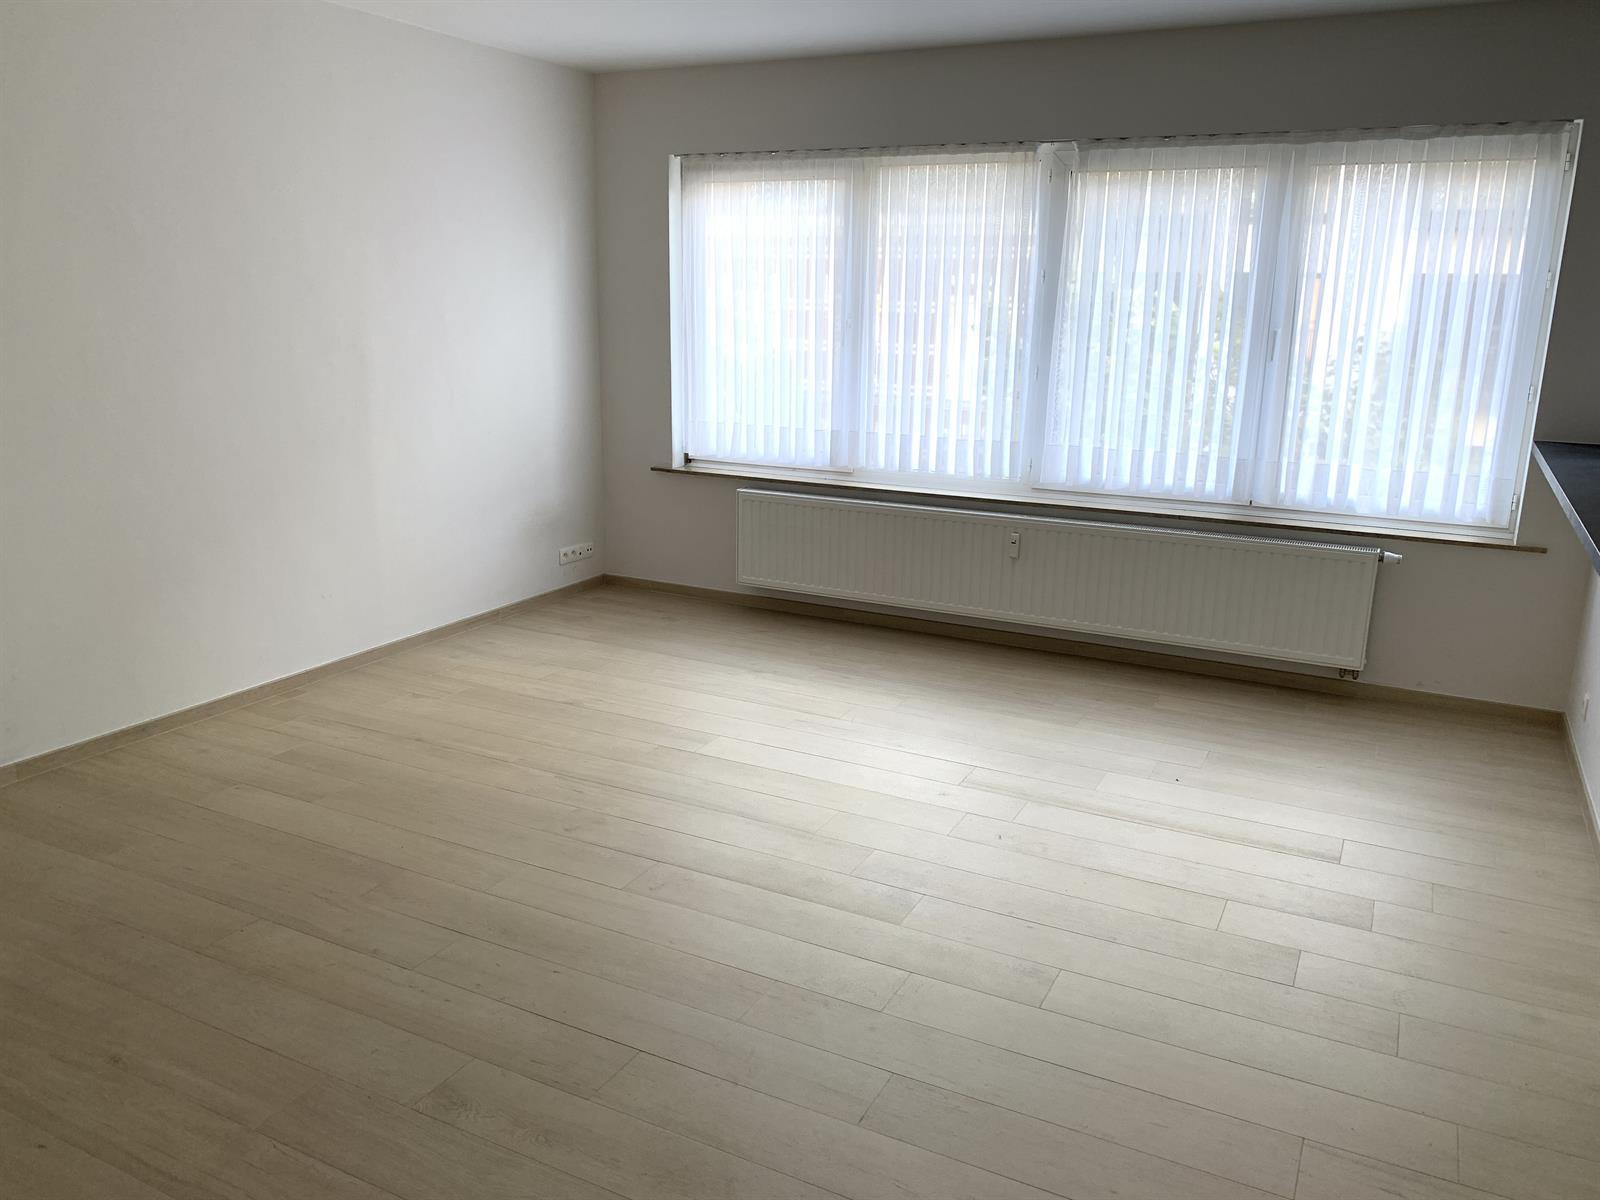 Flat - Schaerbeek - #4199444-4